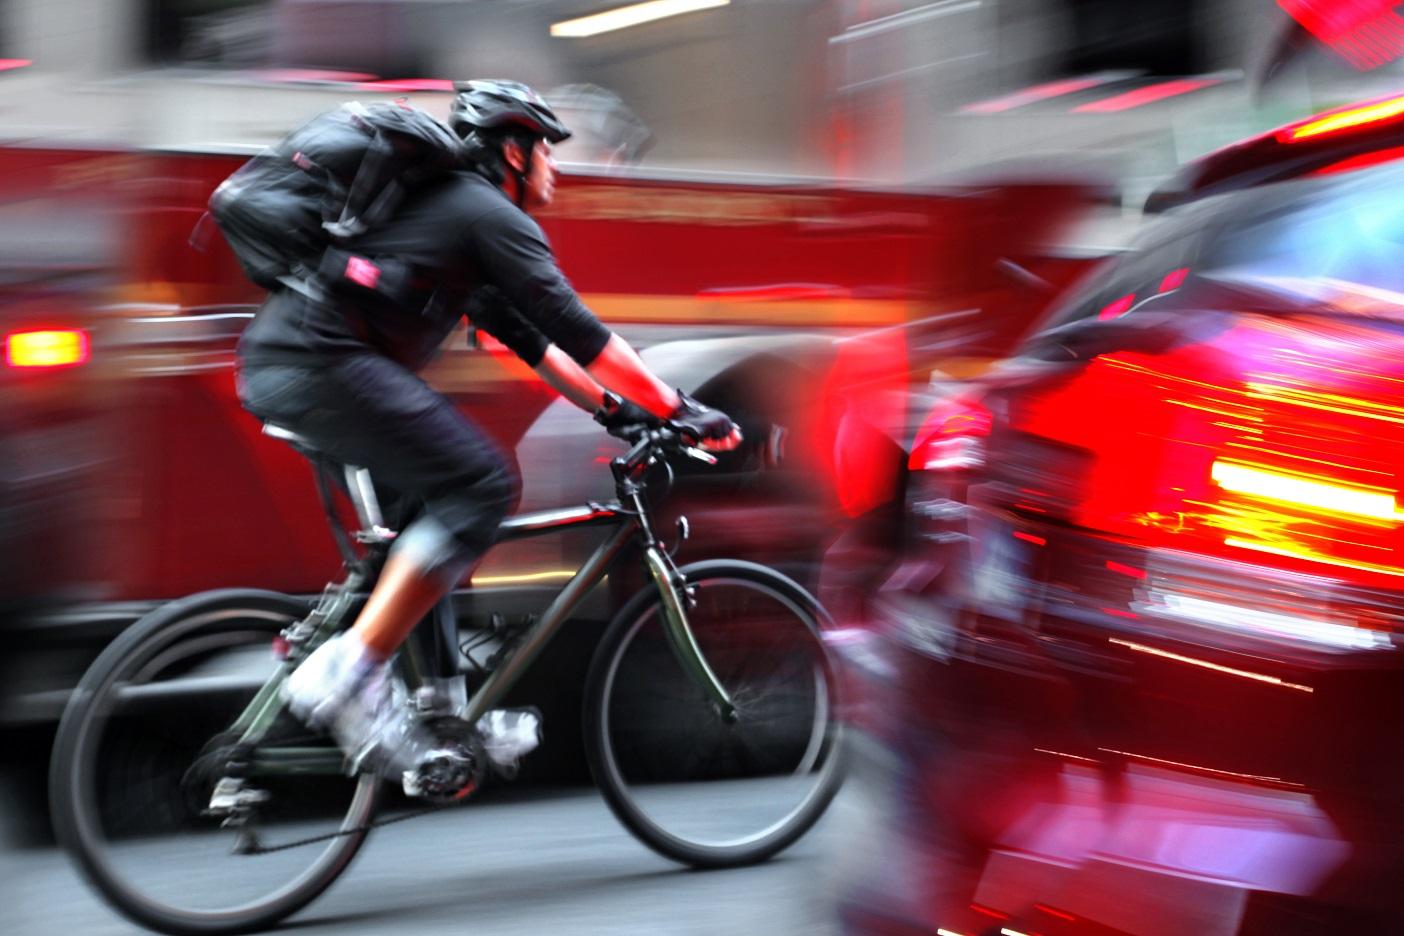 incidenti in bici